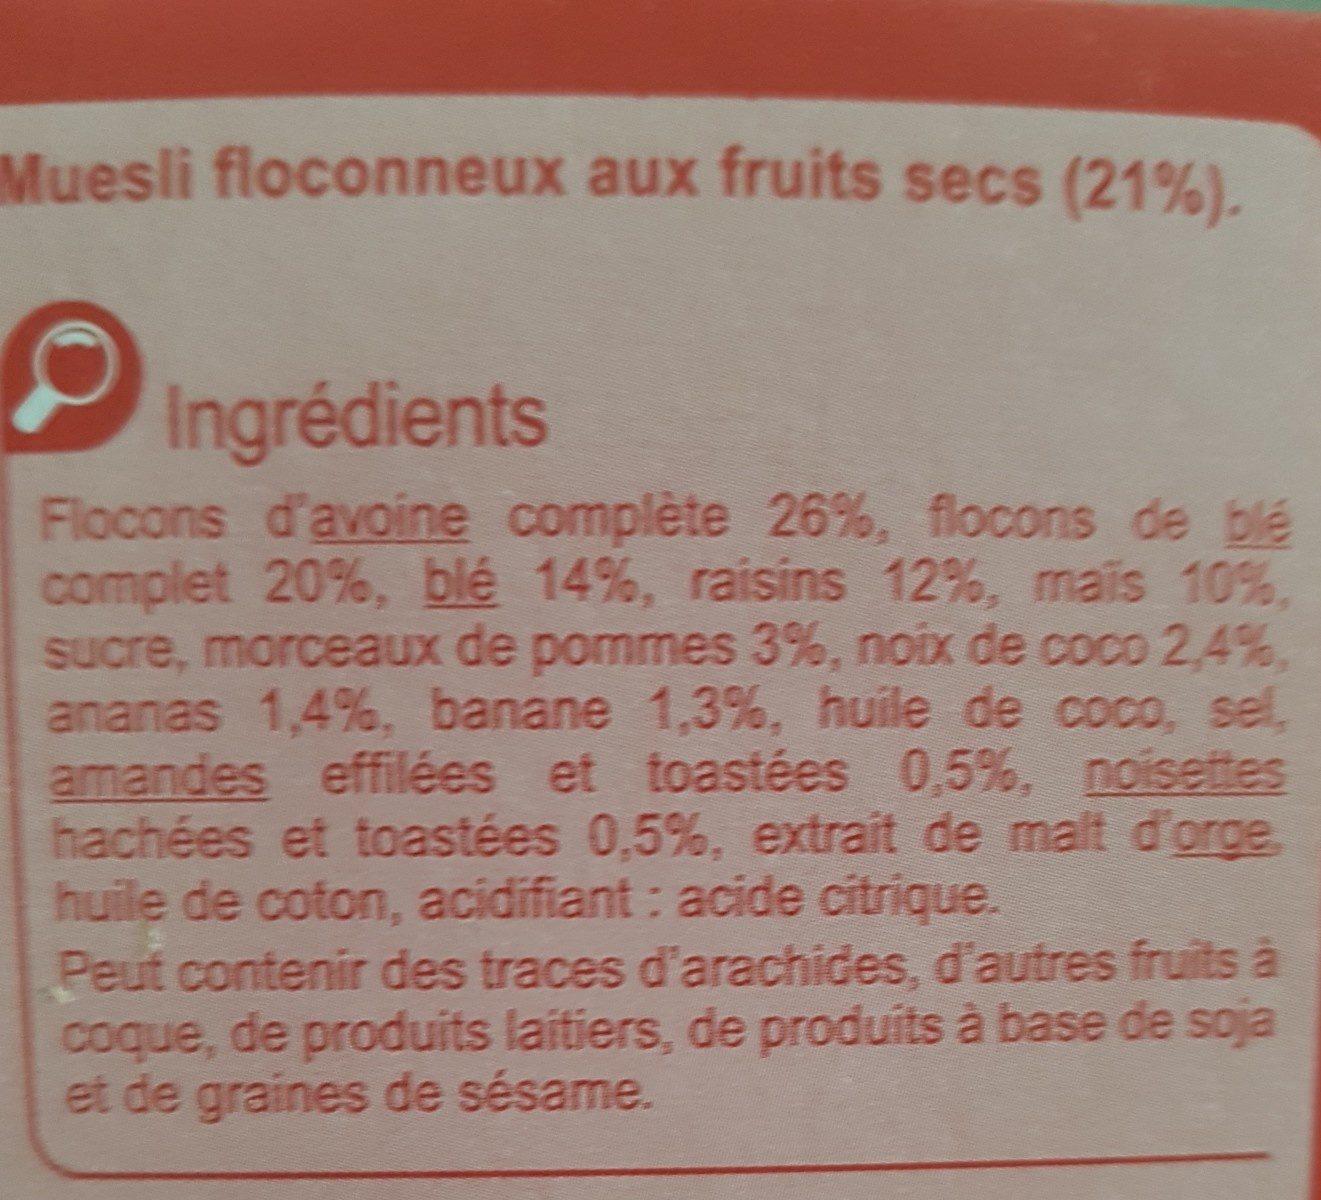 Muesli Floconneux - Ingrédients - fr